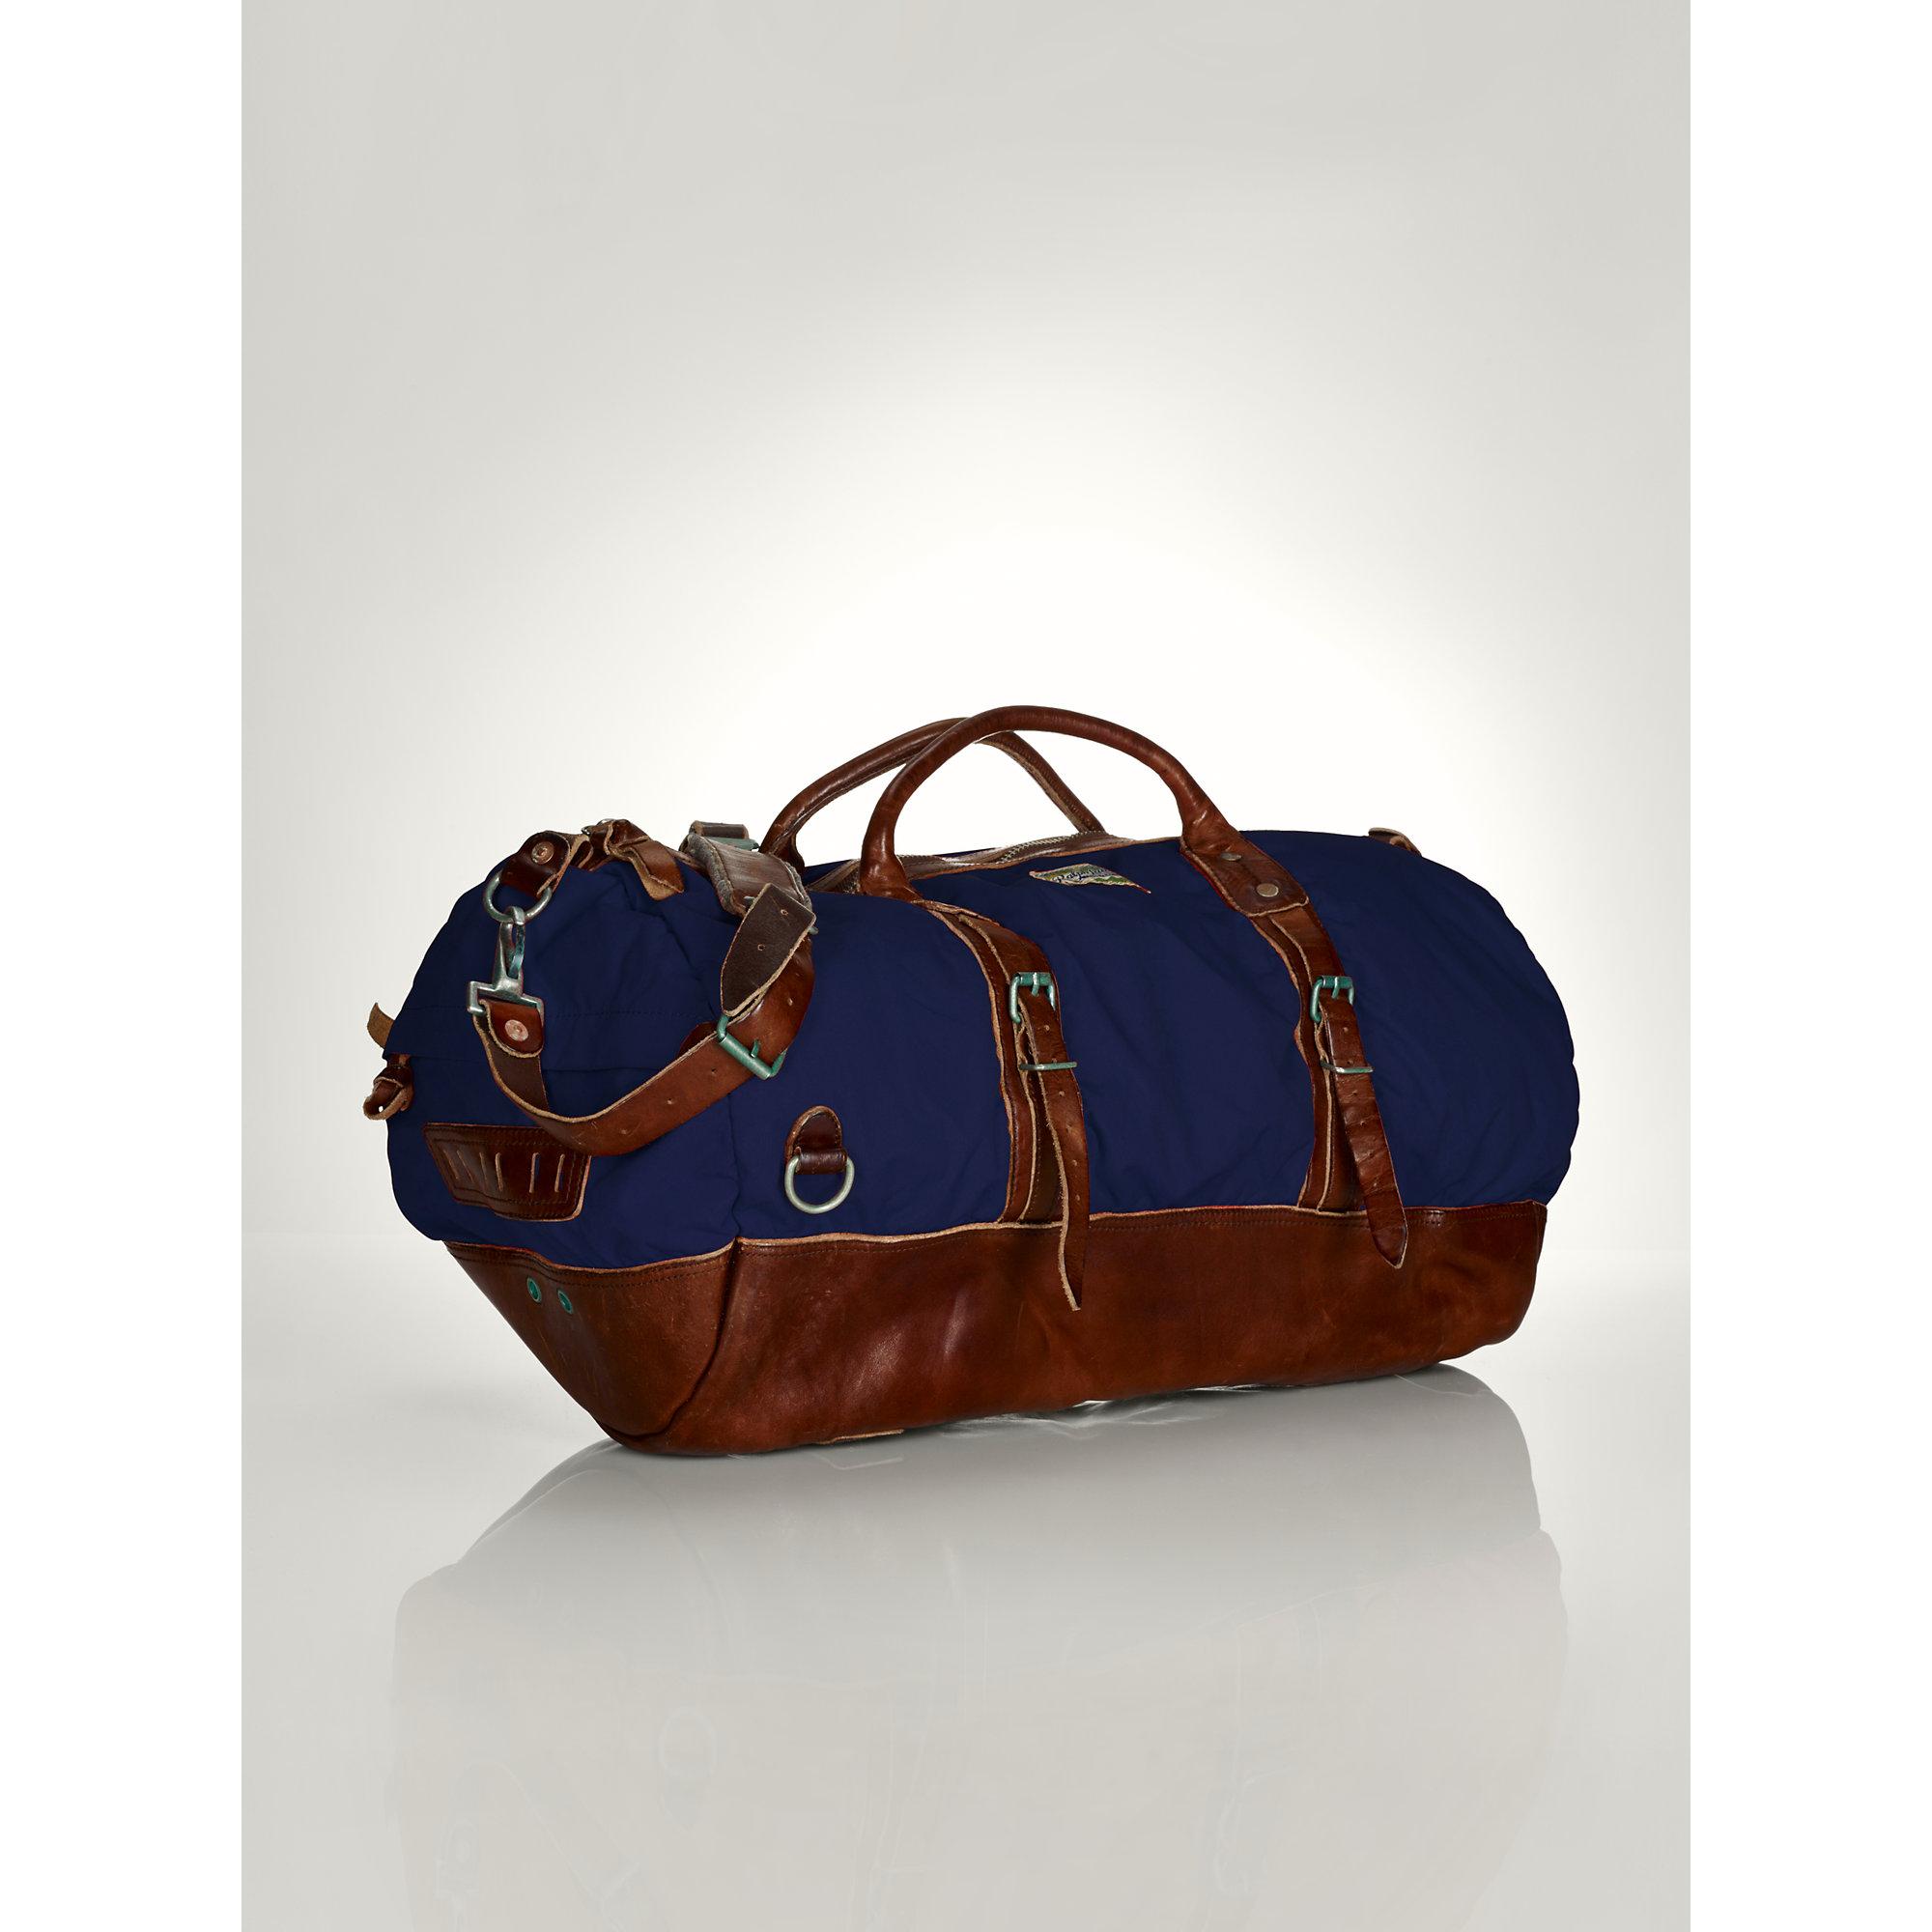 Lyst - Ralph Lauren Nylon Duffel Bag in Blue for Men 6b878f773c07e